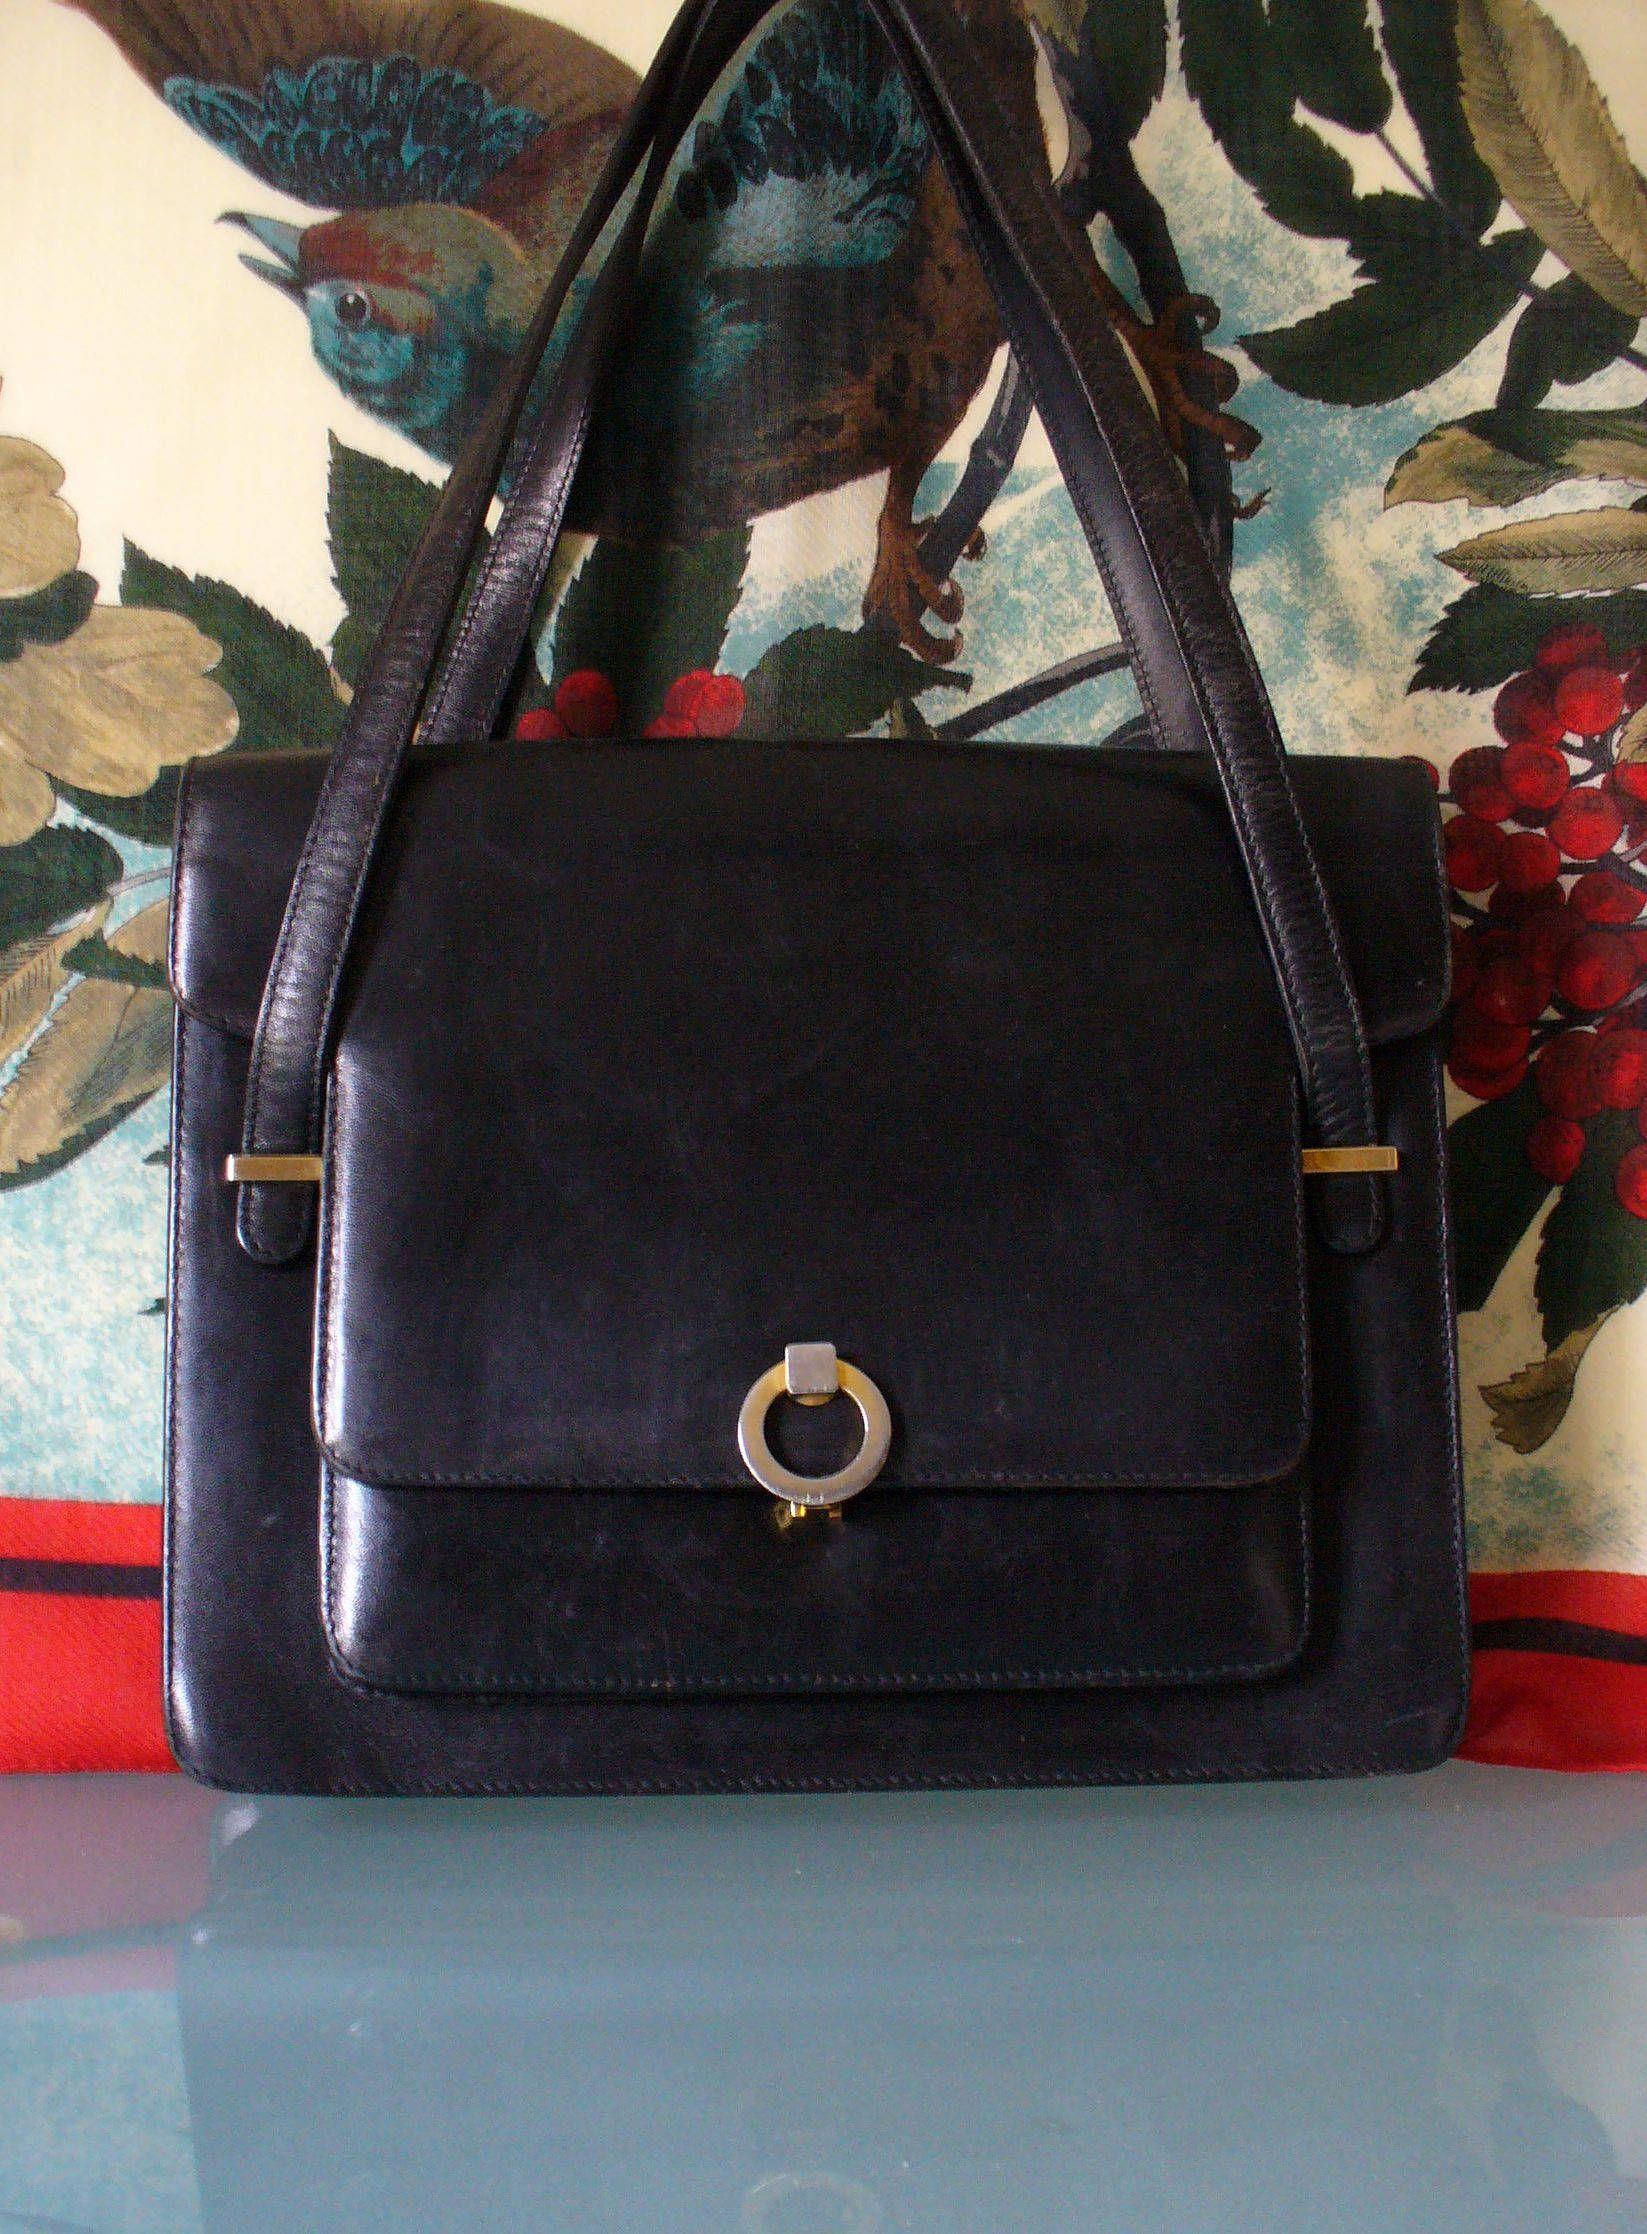 fa7cdbf80df1 Vintage Bally Black Made in Italy Handbag by EurotrashItaly on Etsy